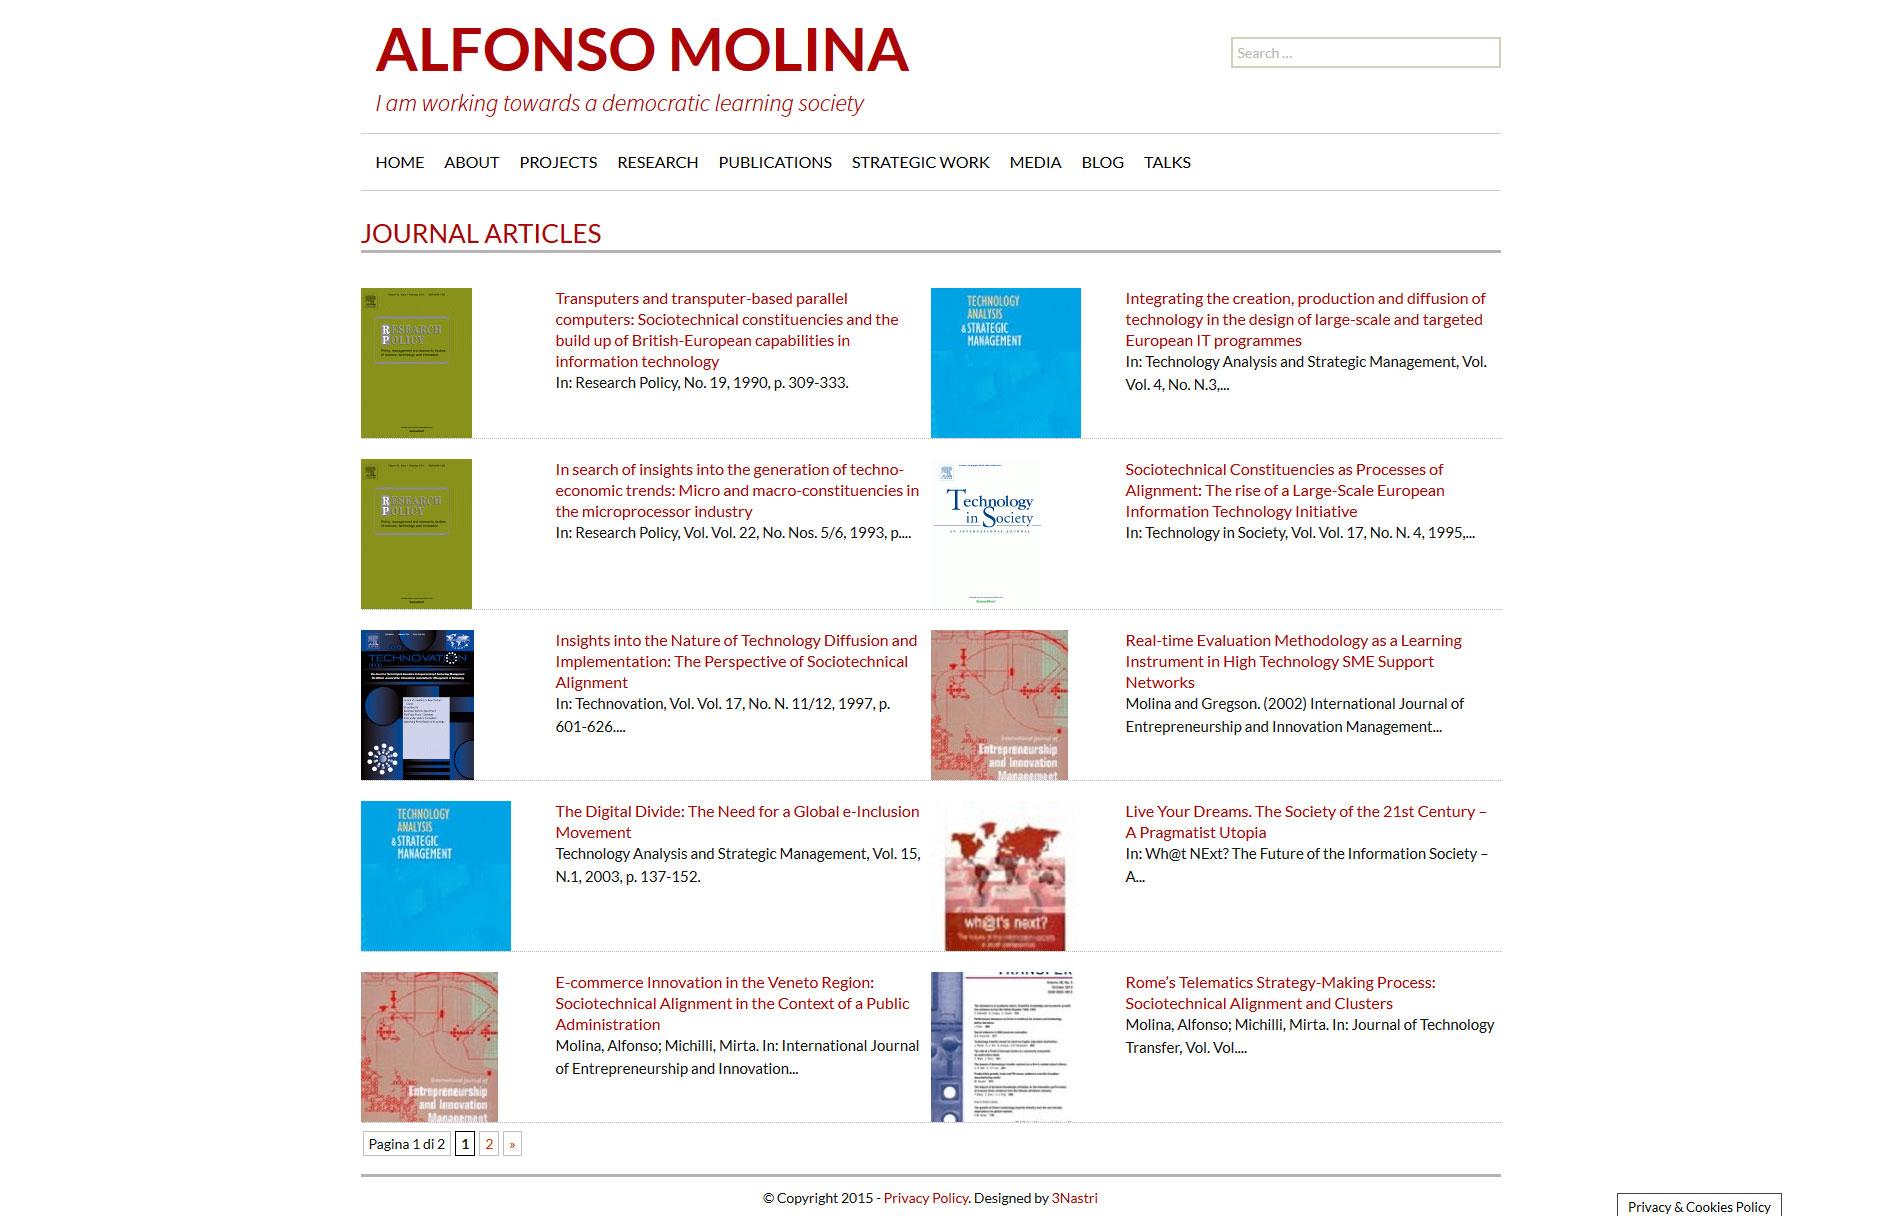 Alfonso-molina-page